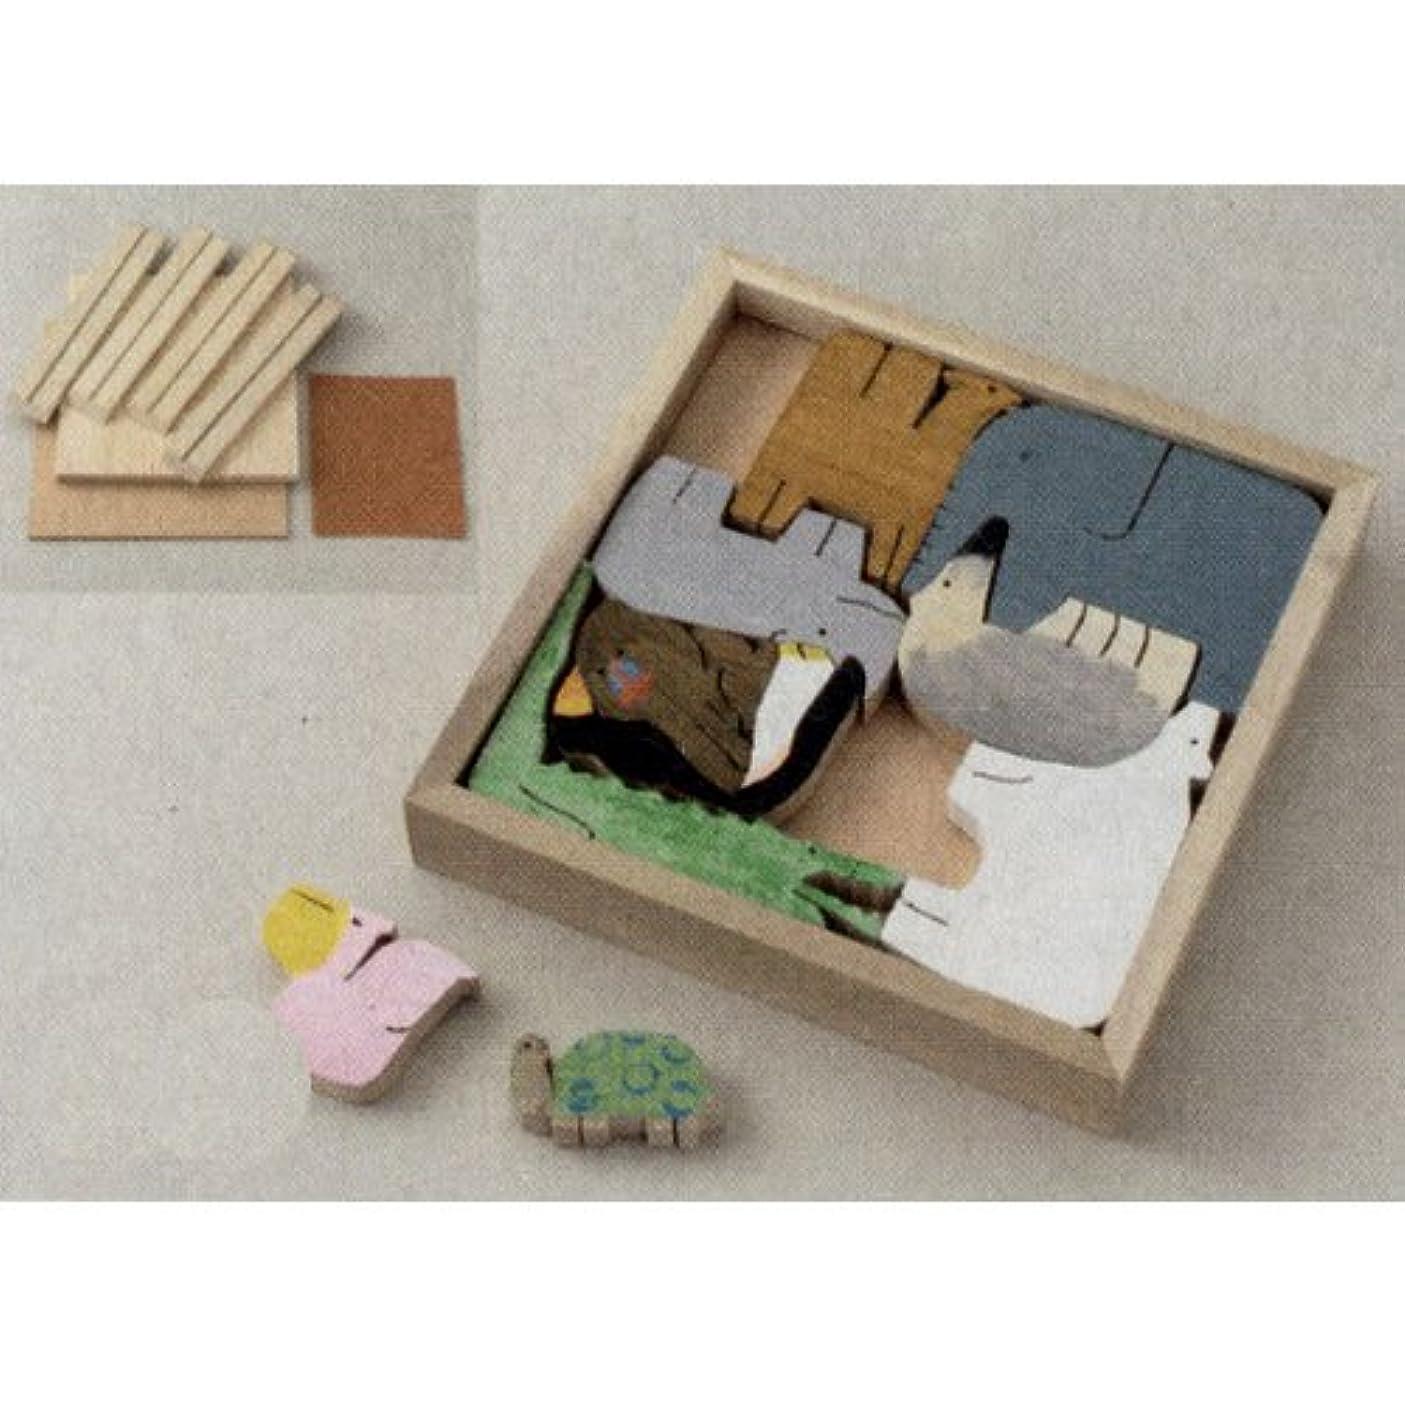 カードテンポレポートを書く額付木彫パズル 桂材 B08-9193